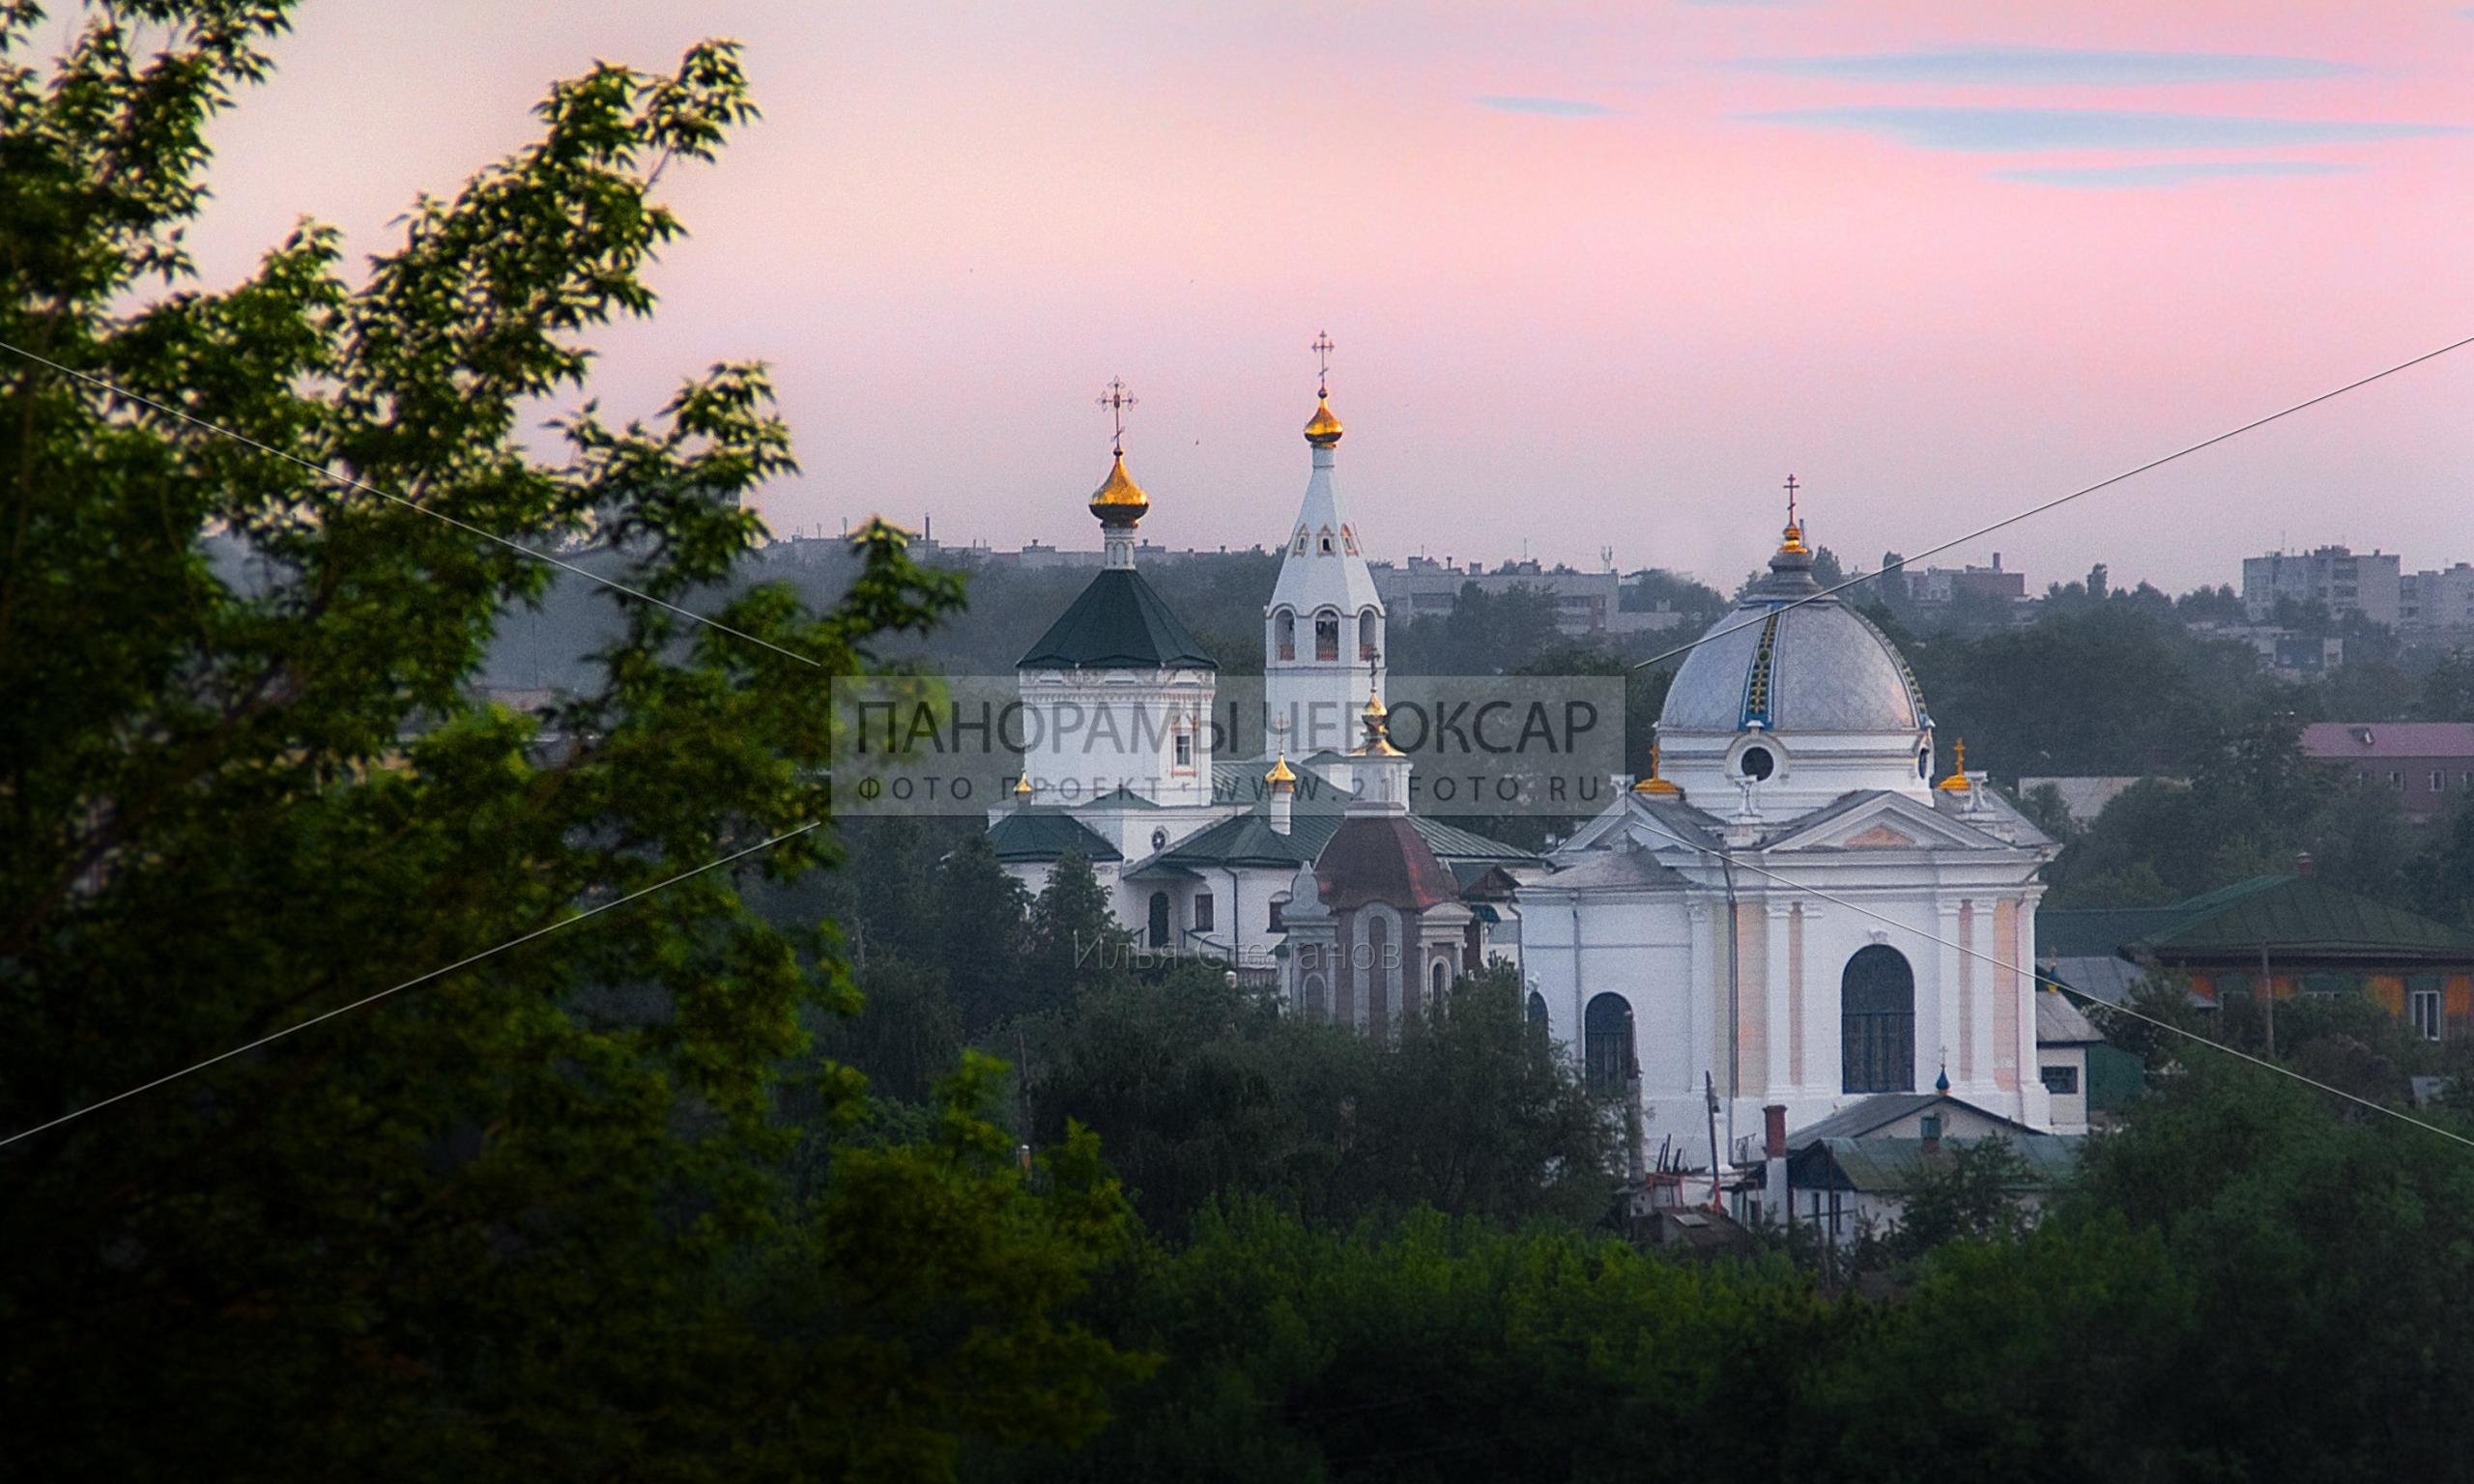 Церковь Иоанна Кронштадтского и Спасо-Преображенский женский монастырь